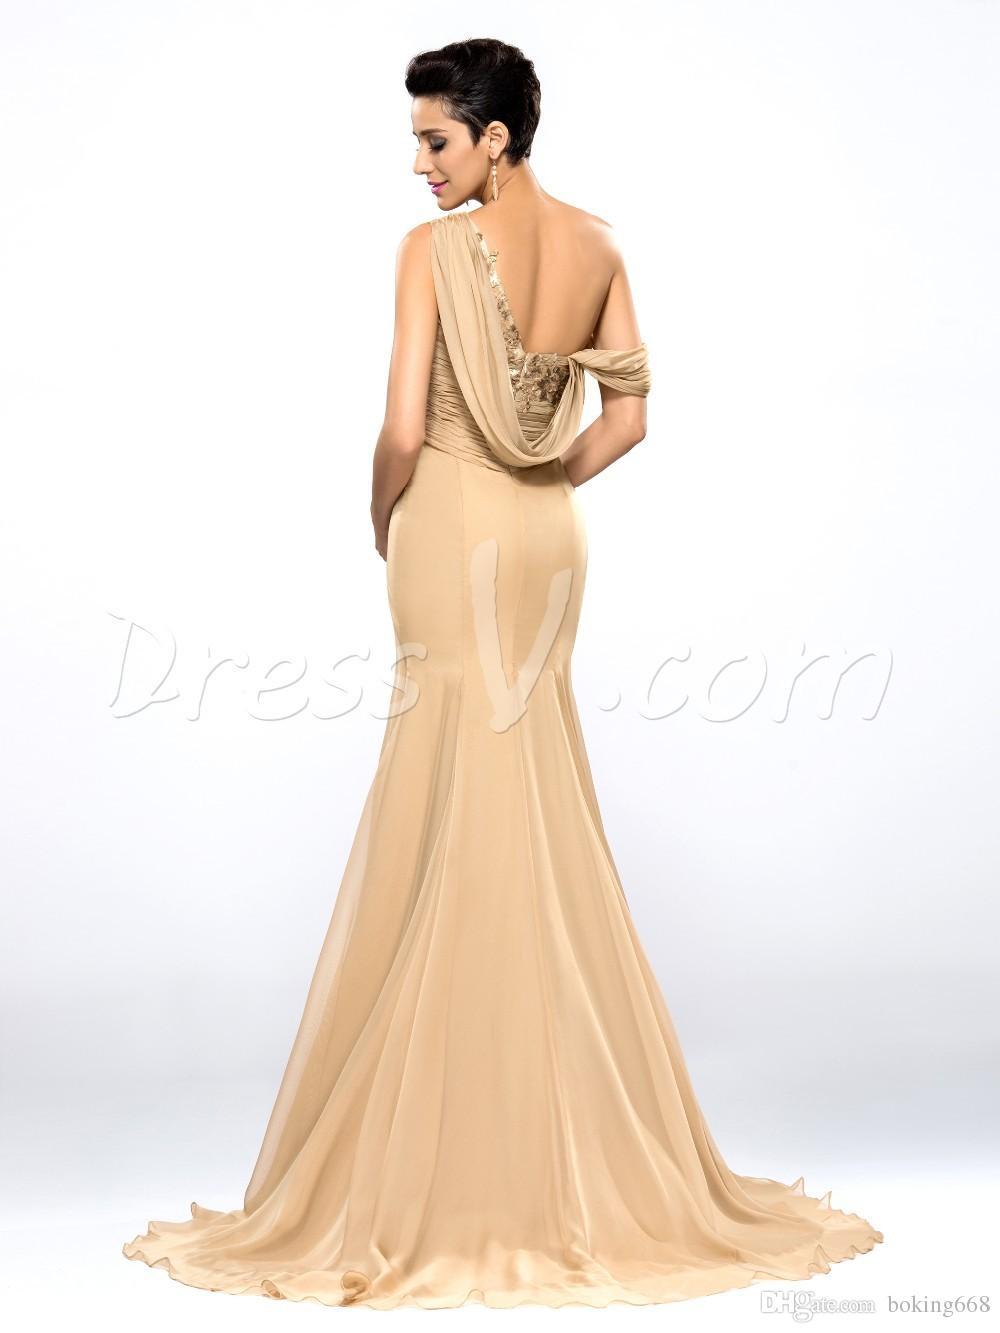 2019 I più nuovi economici abiti da sera champagne drappeggiato una spalla lunga chiffon prom dresses robe de soiree abiti da festa formale robe de soiree